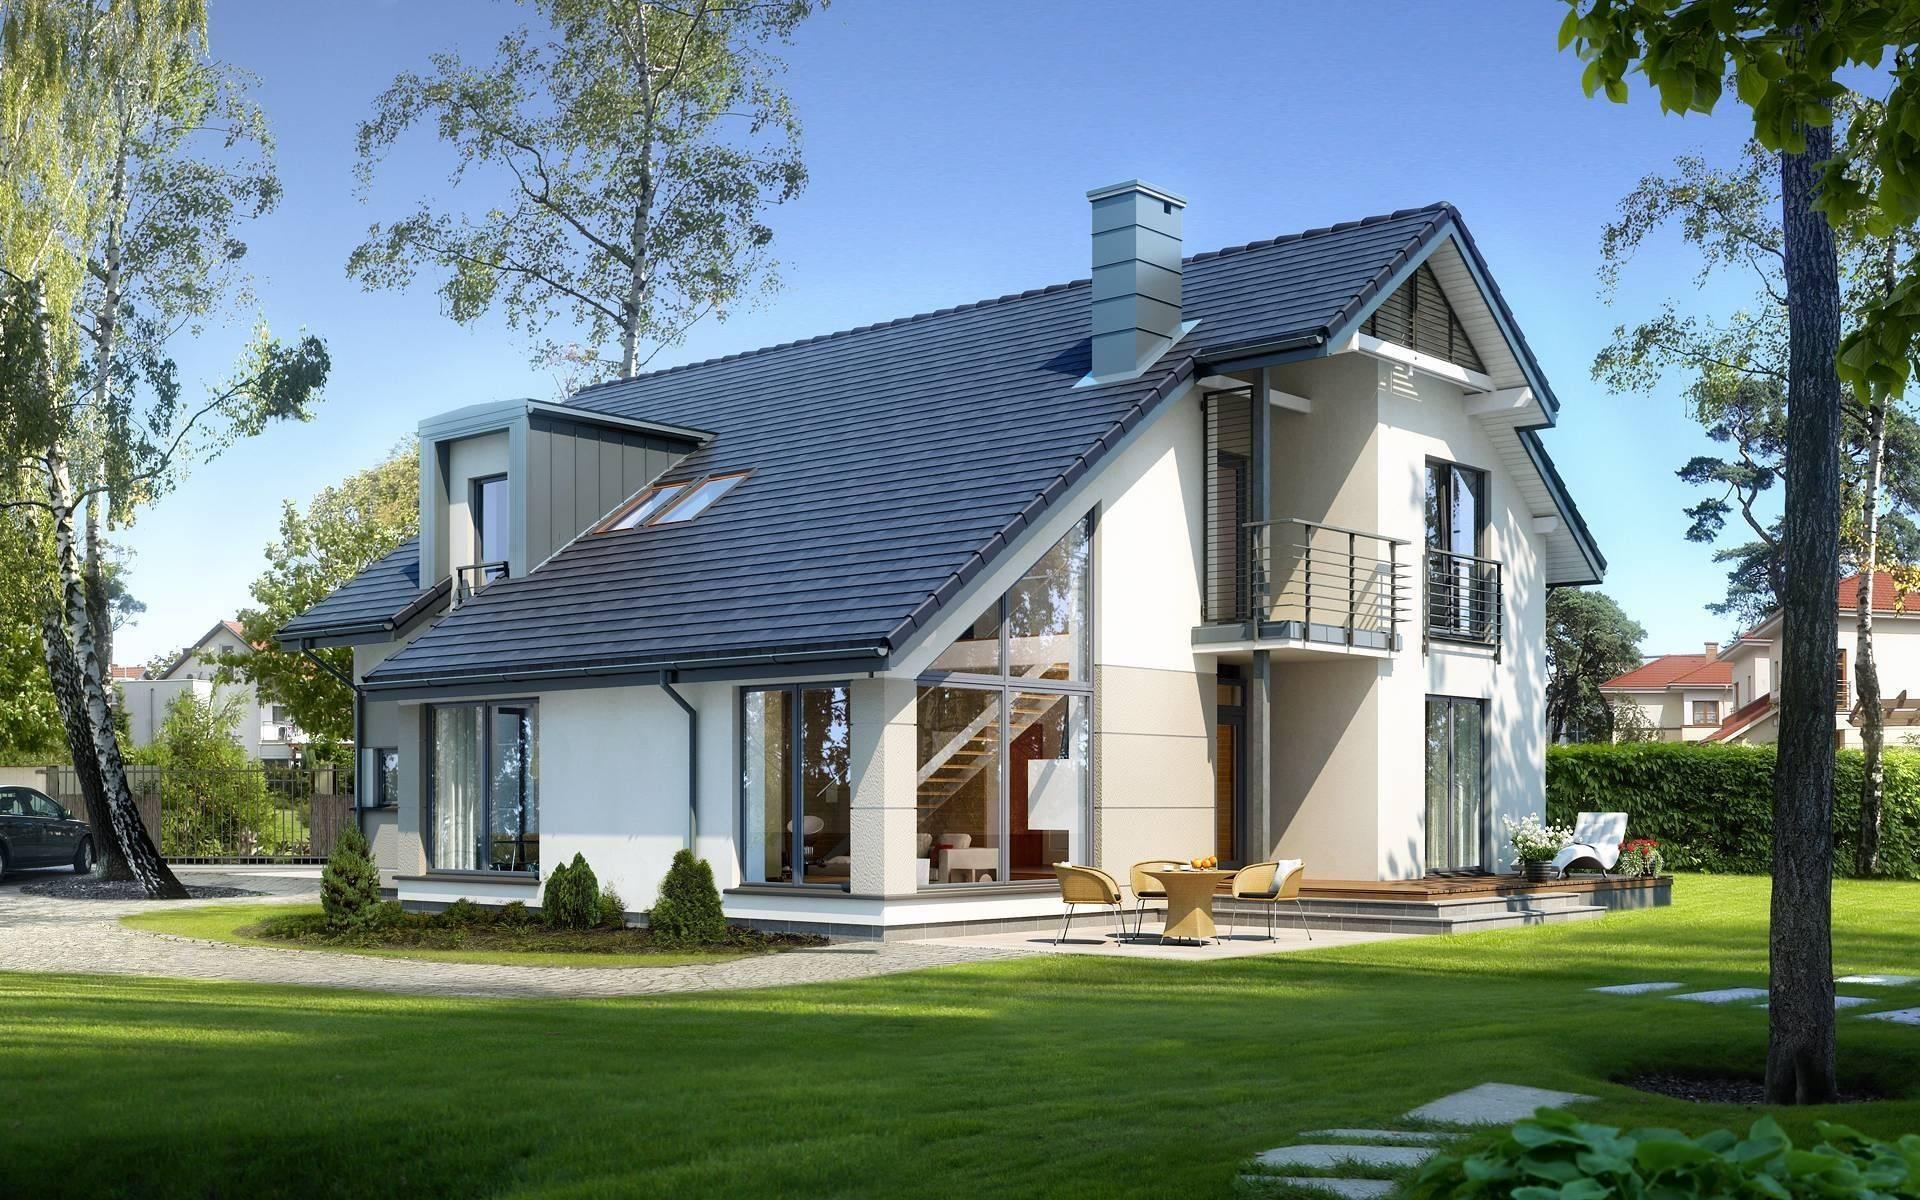 Польские проекты компактных домов на узких участках. история польского частного домостроения и характерные черты польских домов